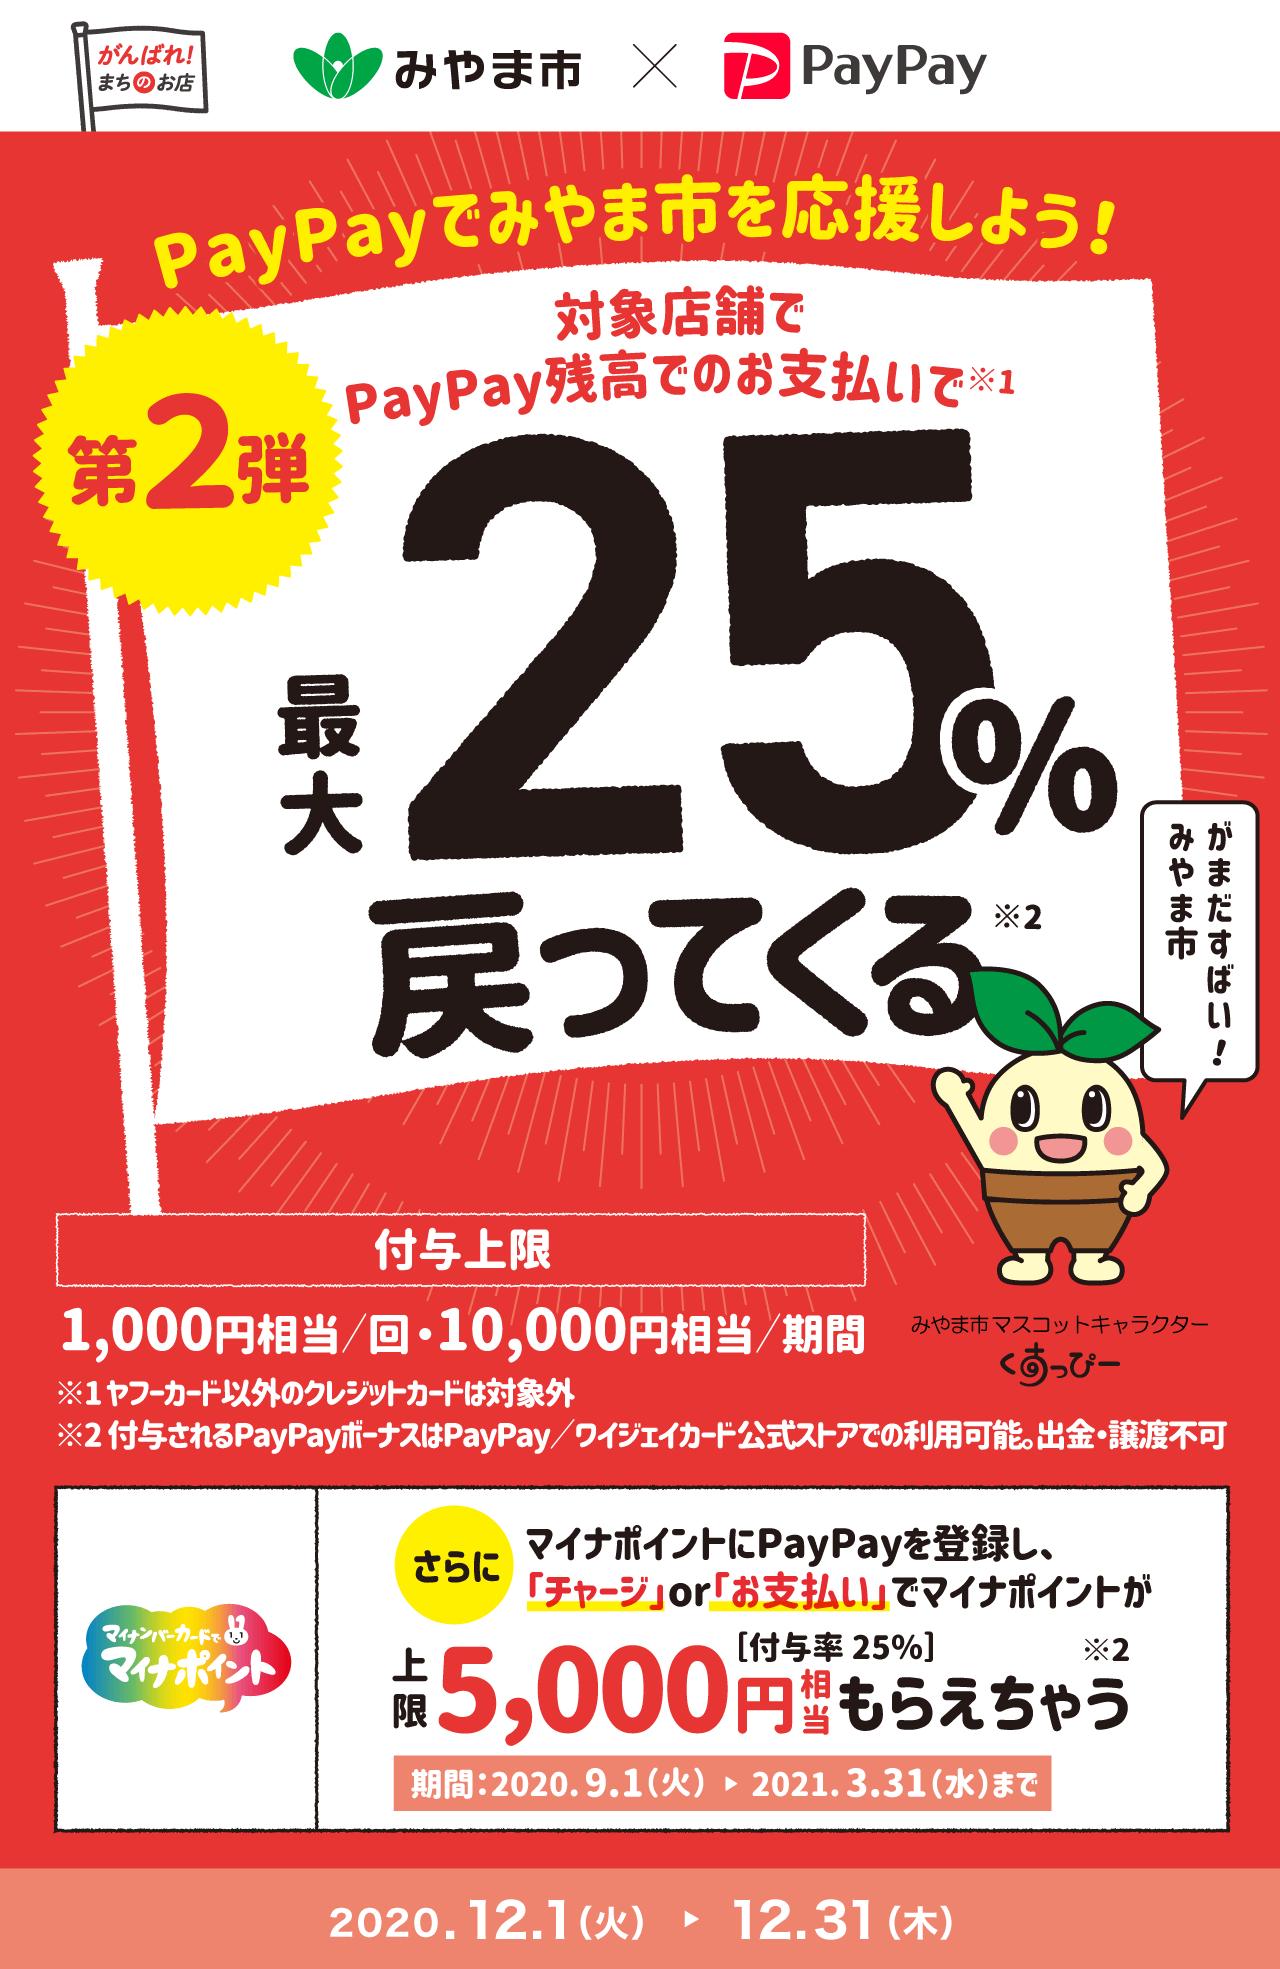 PayPayでみやま市を応援しよう! 対象店舗でPayPay残高でのお支払いで 第2弾 最大25%戻ってくる